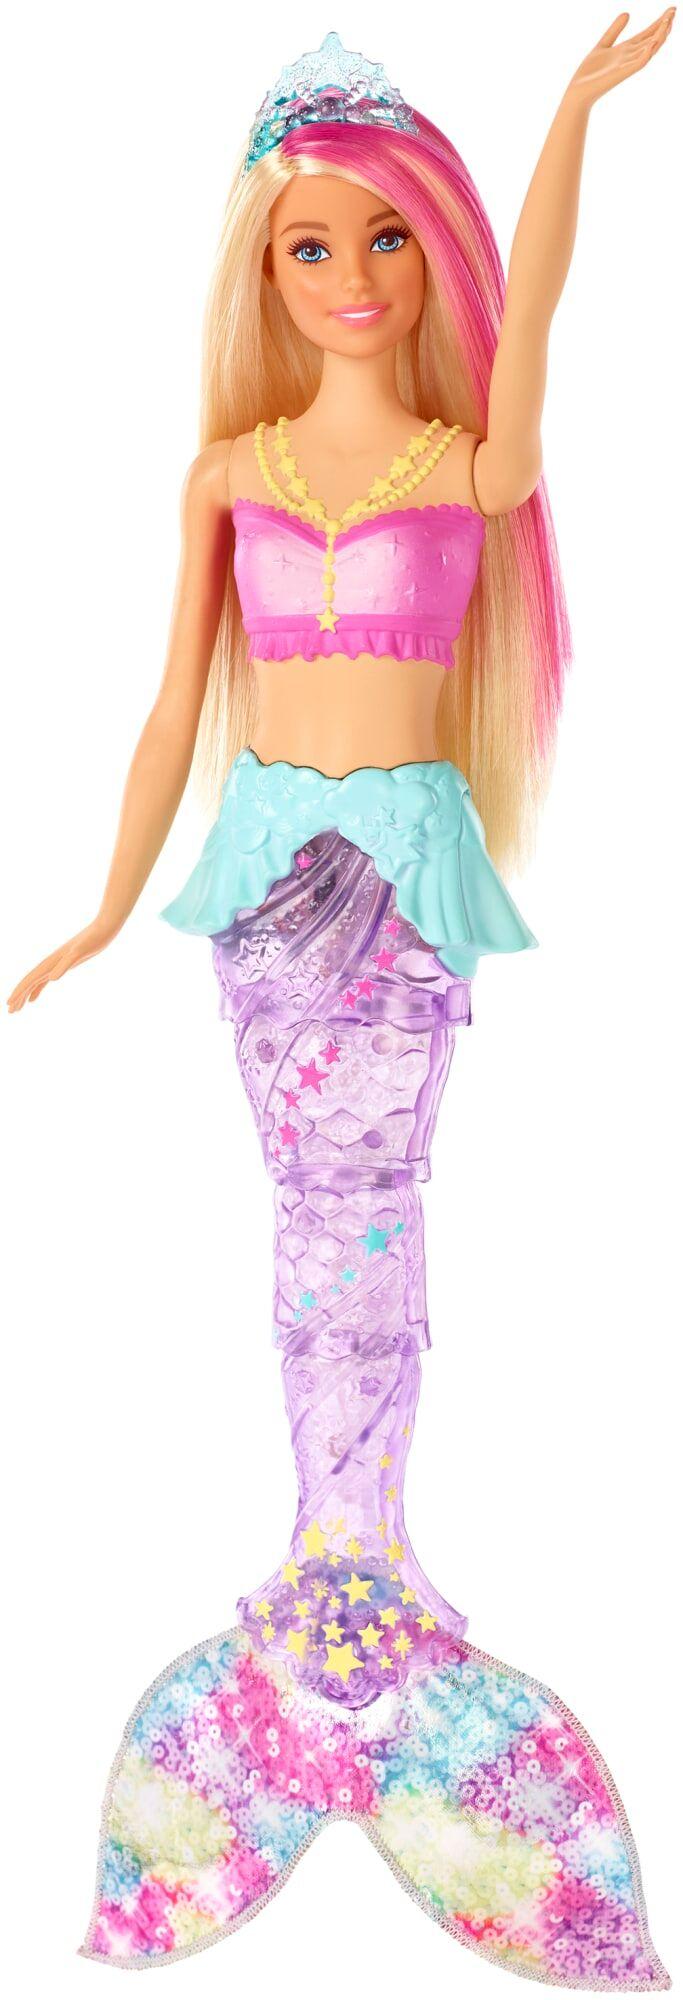 Barbie Dreamtopia Mermaid nukke